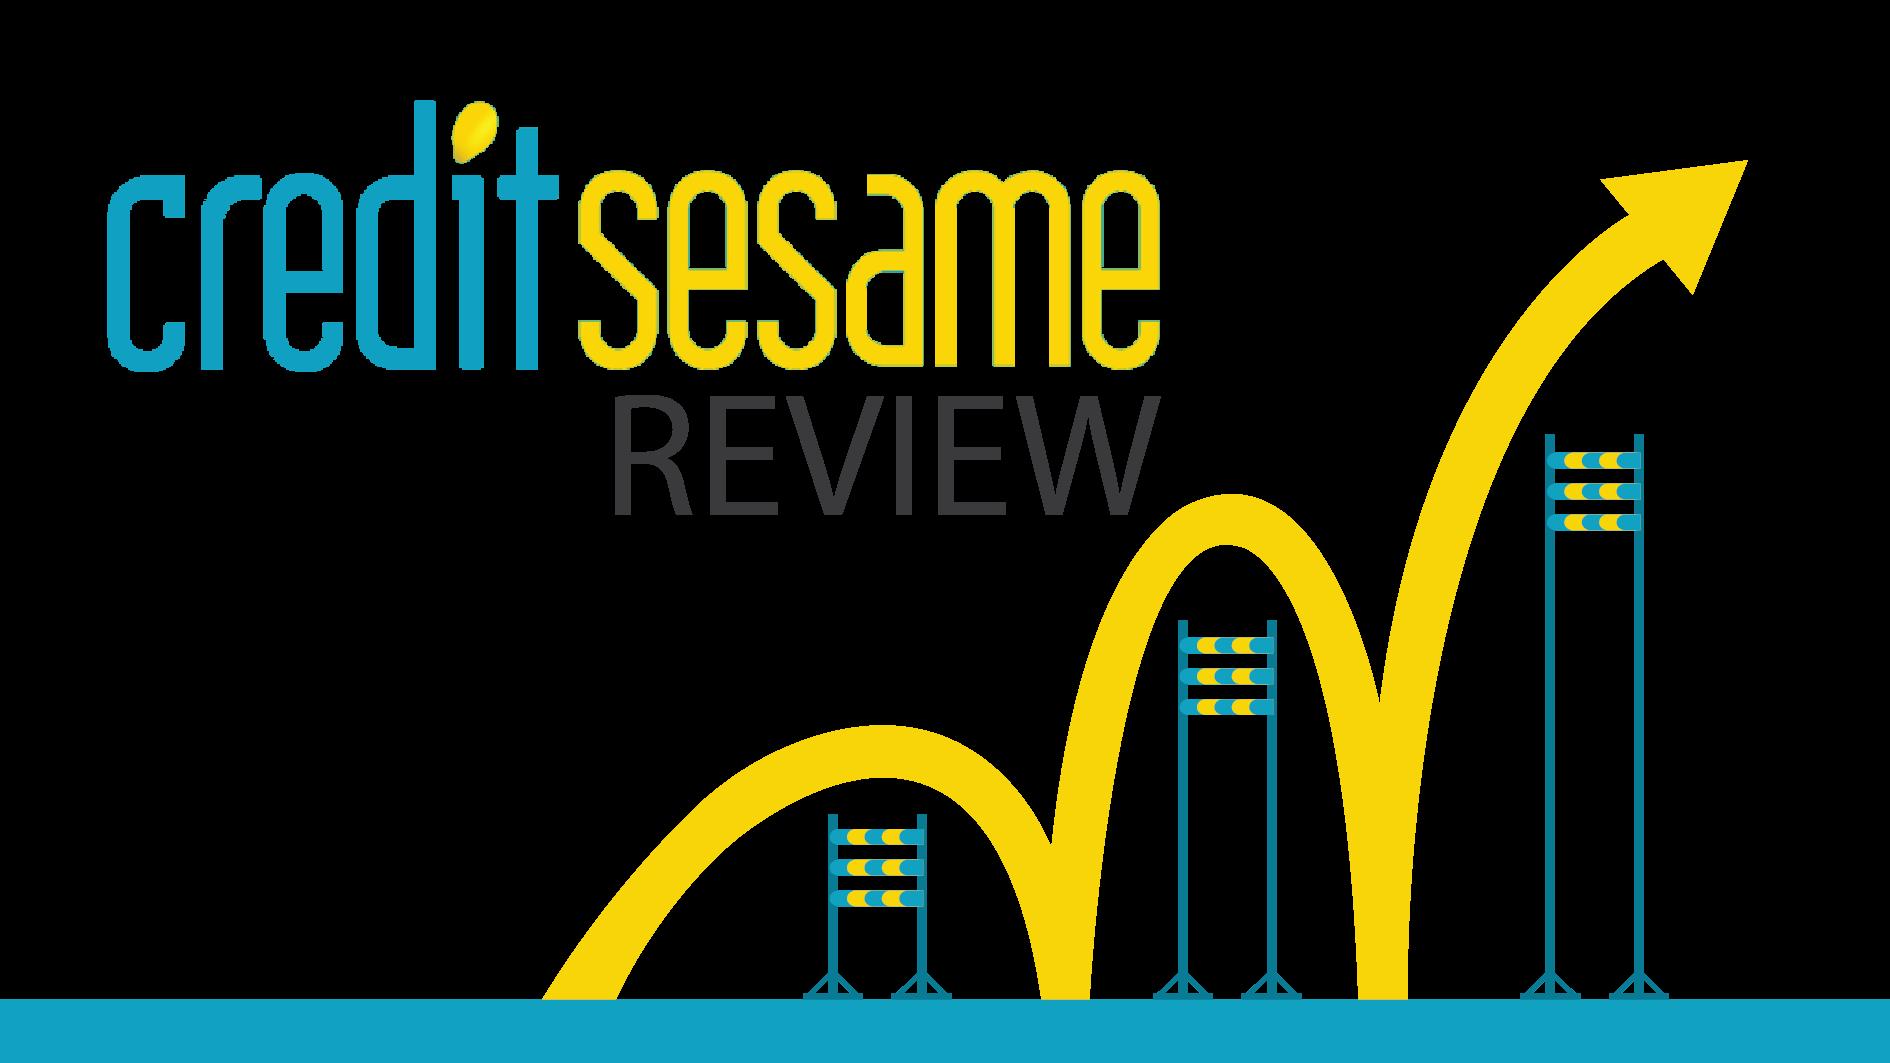 Credit Sesame Review | 2020 Reviews of Credit Sesame